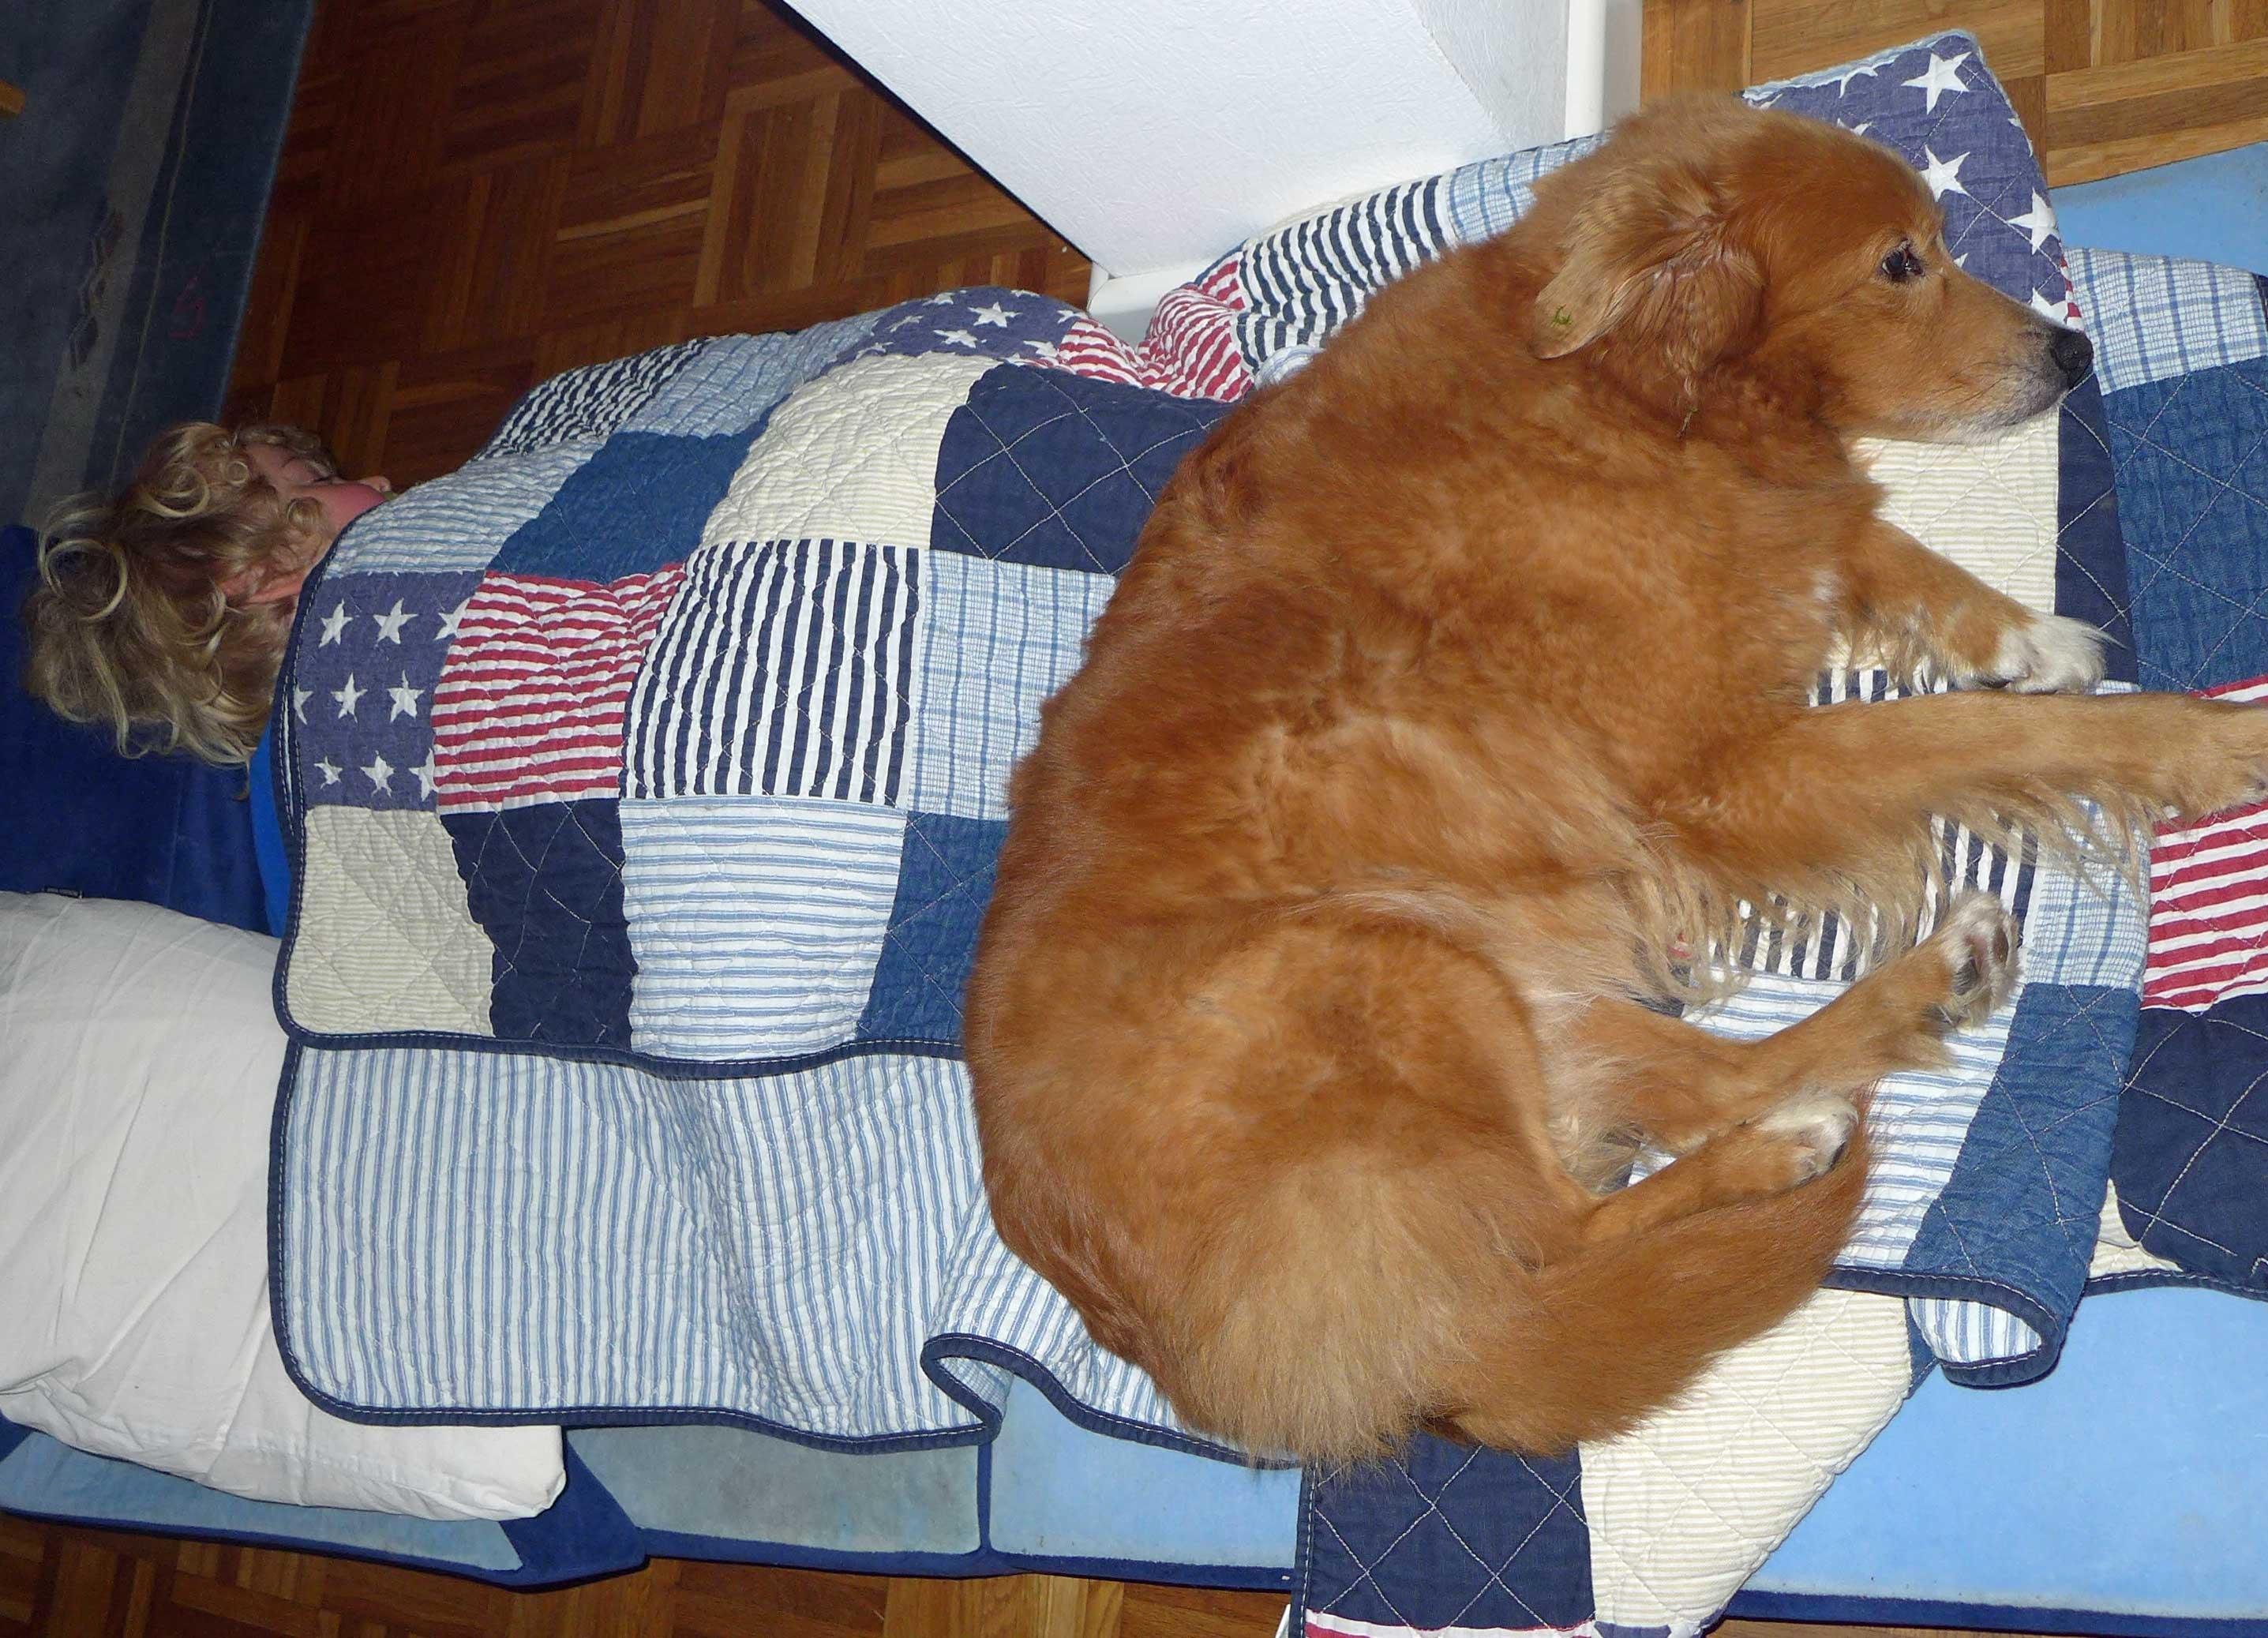 Kind und Hund schlafen in einem Bett